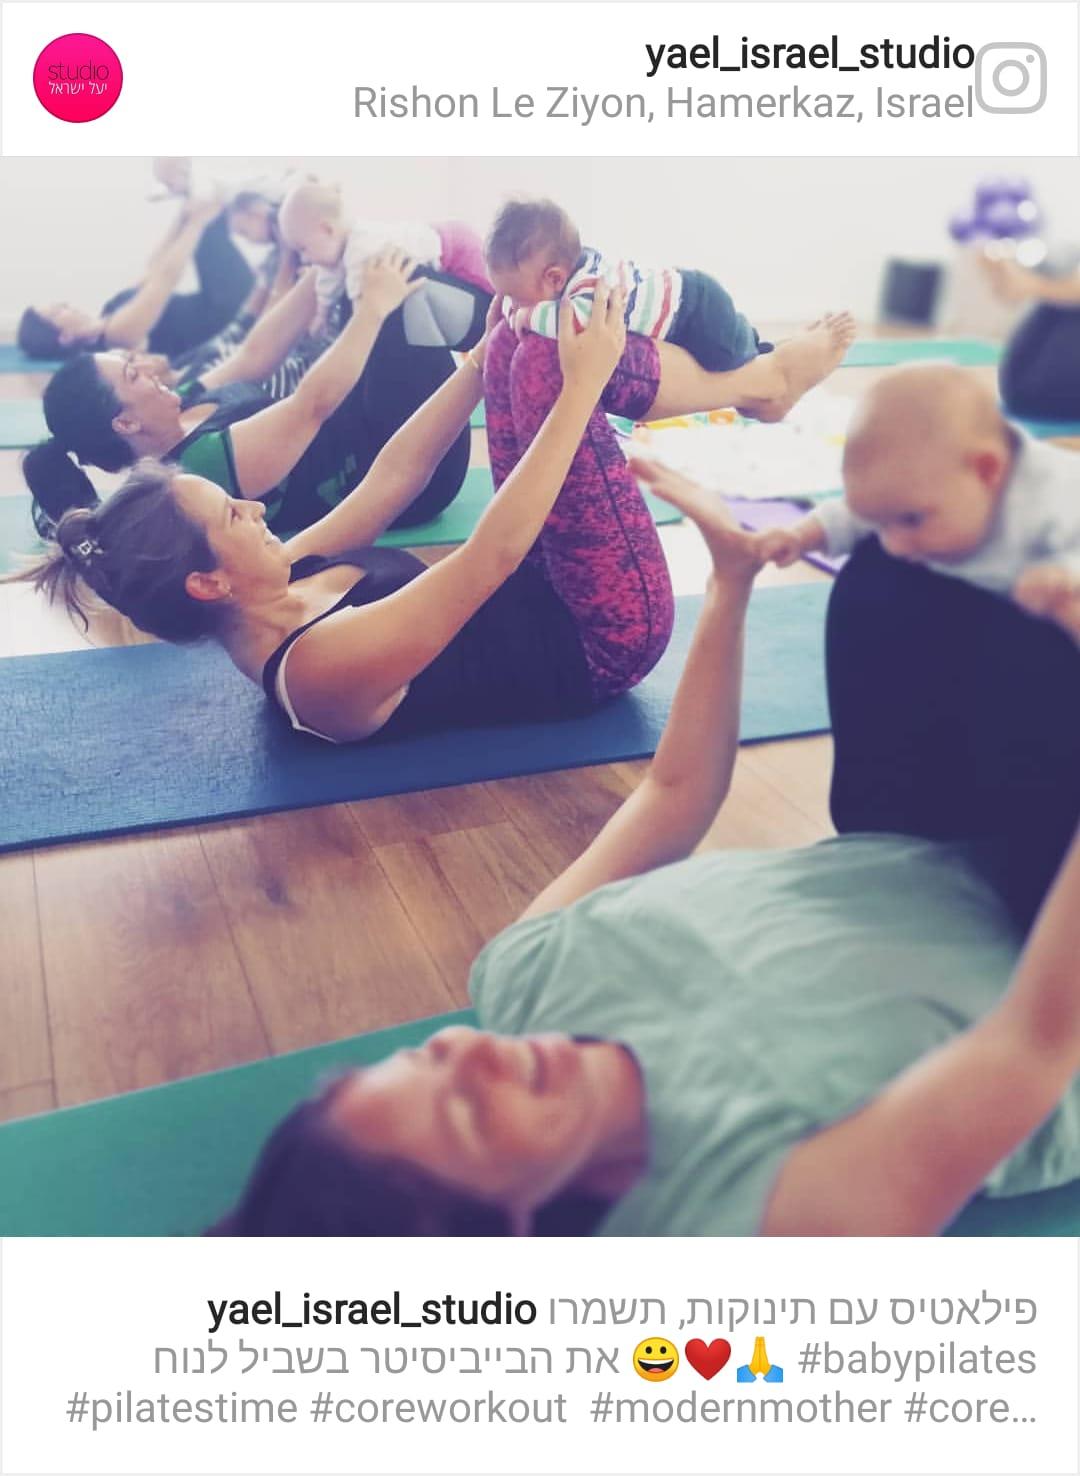 פילאטיס עם תינוקות